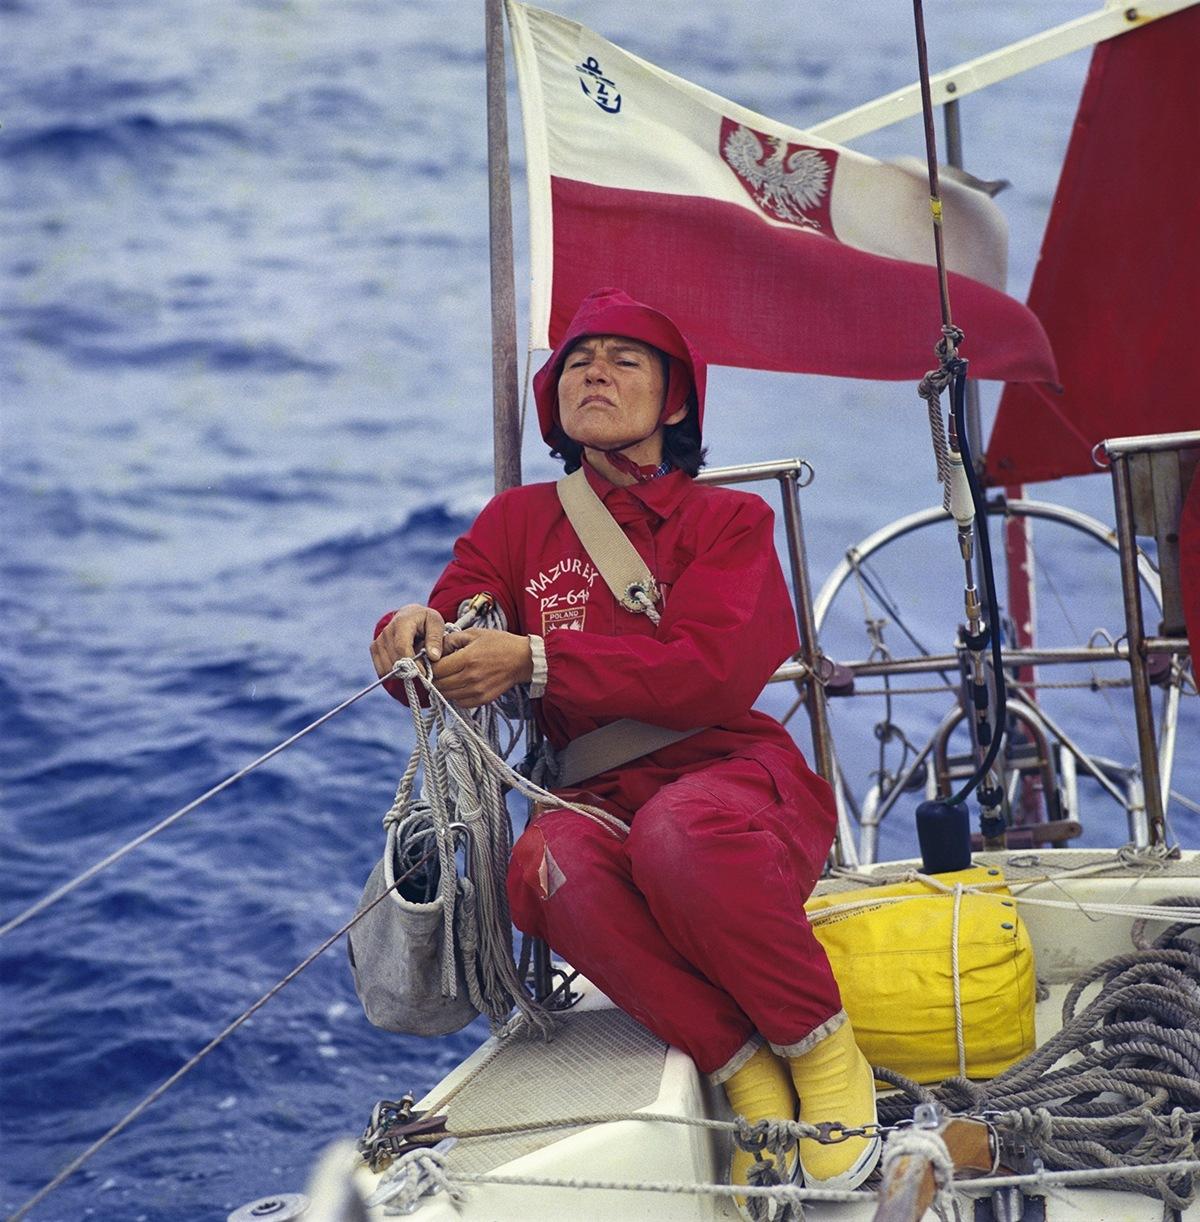 波兰的克里斯蒂娜是第一位完成单人环球航行的女性。